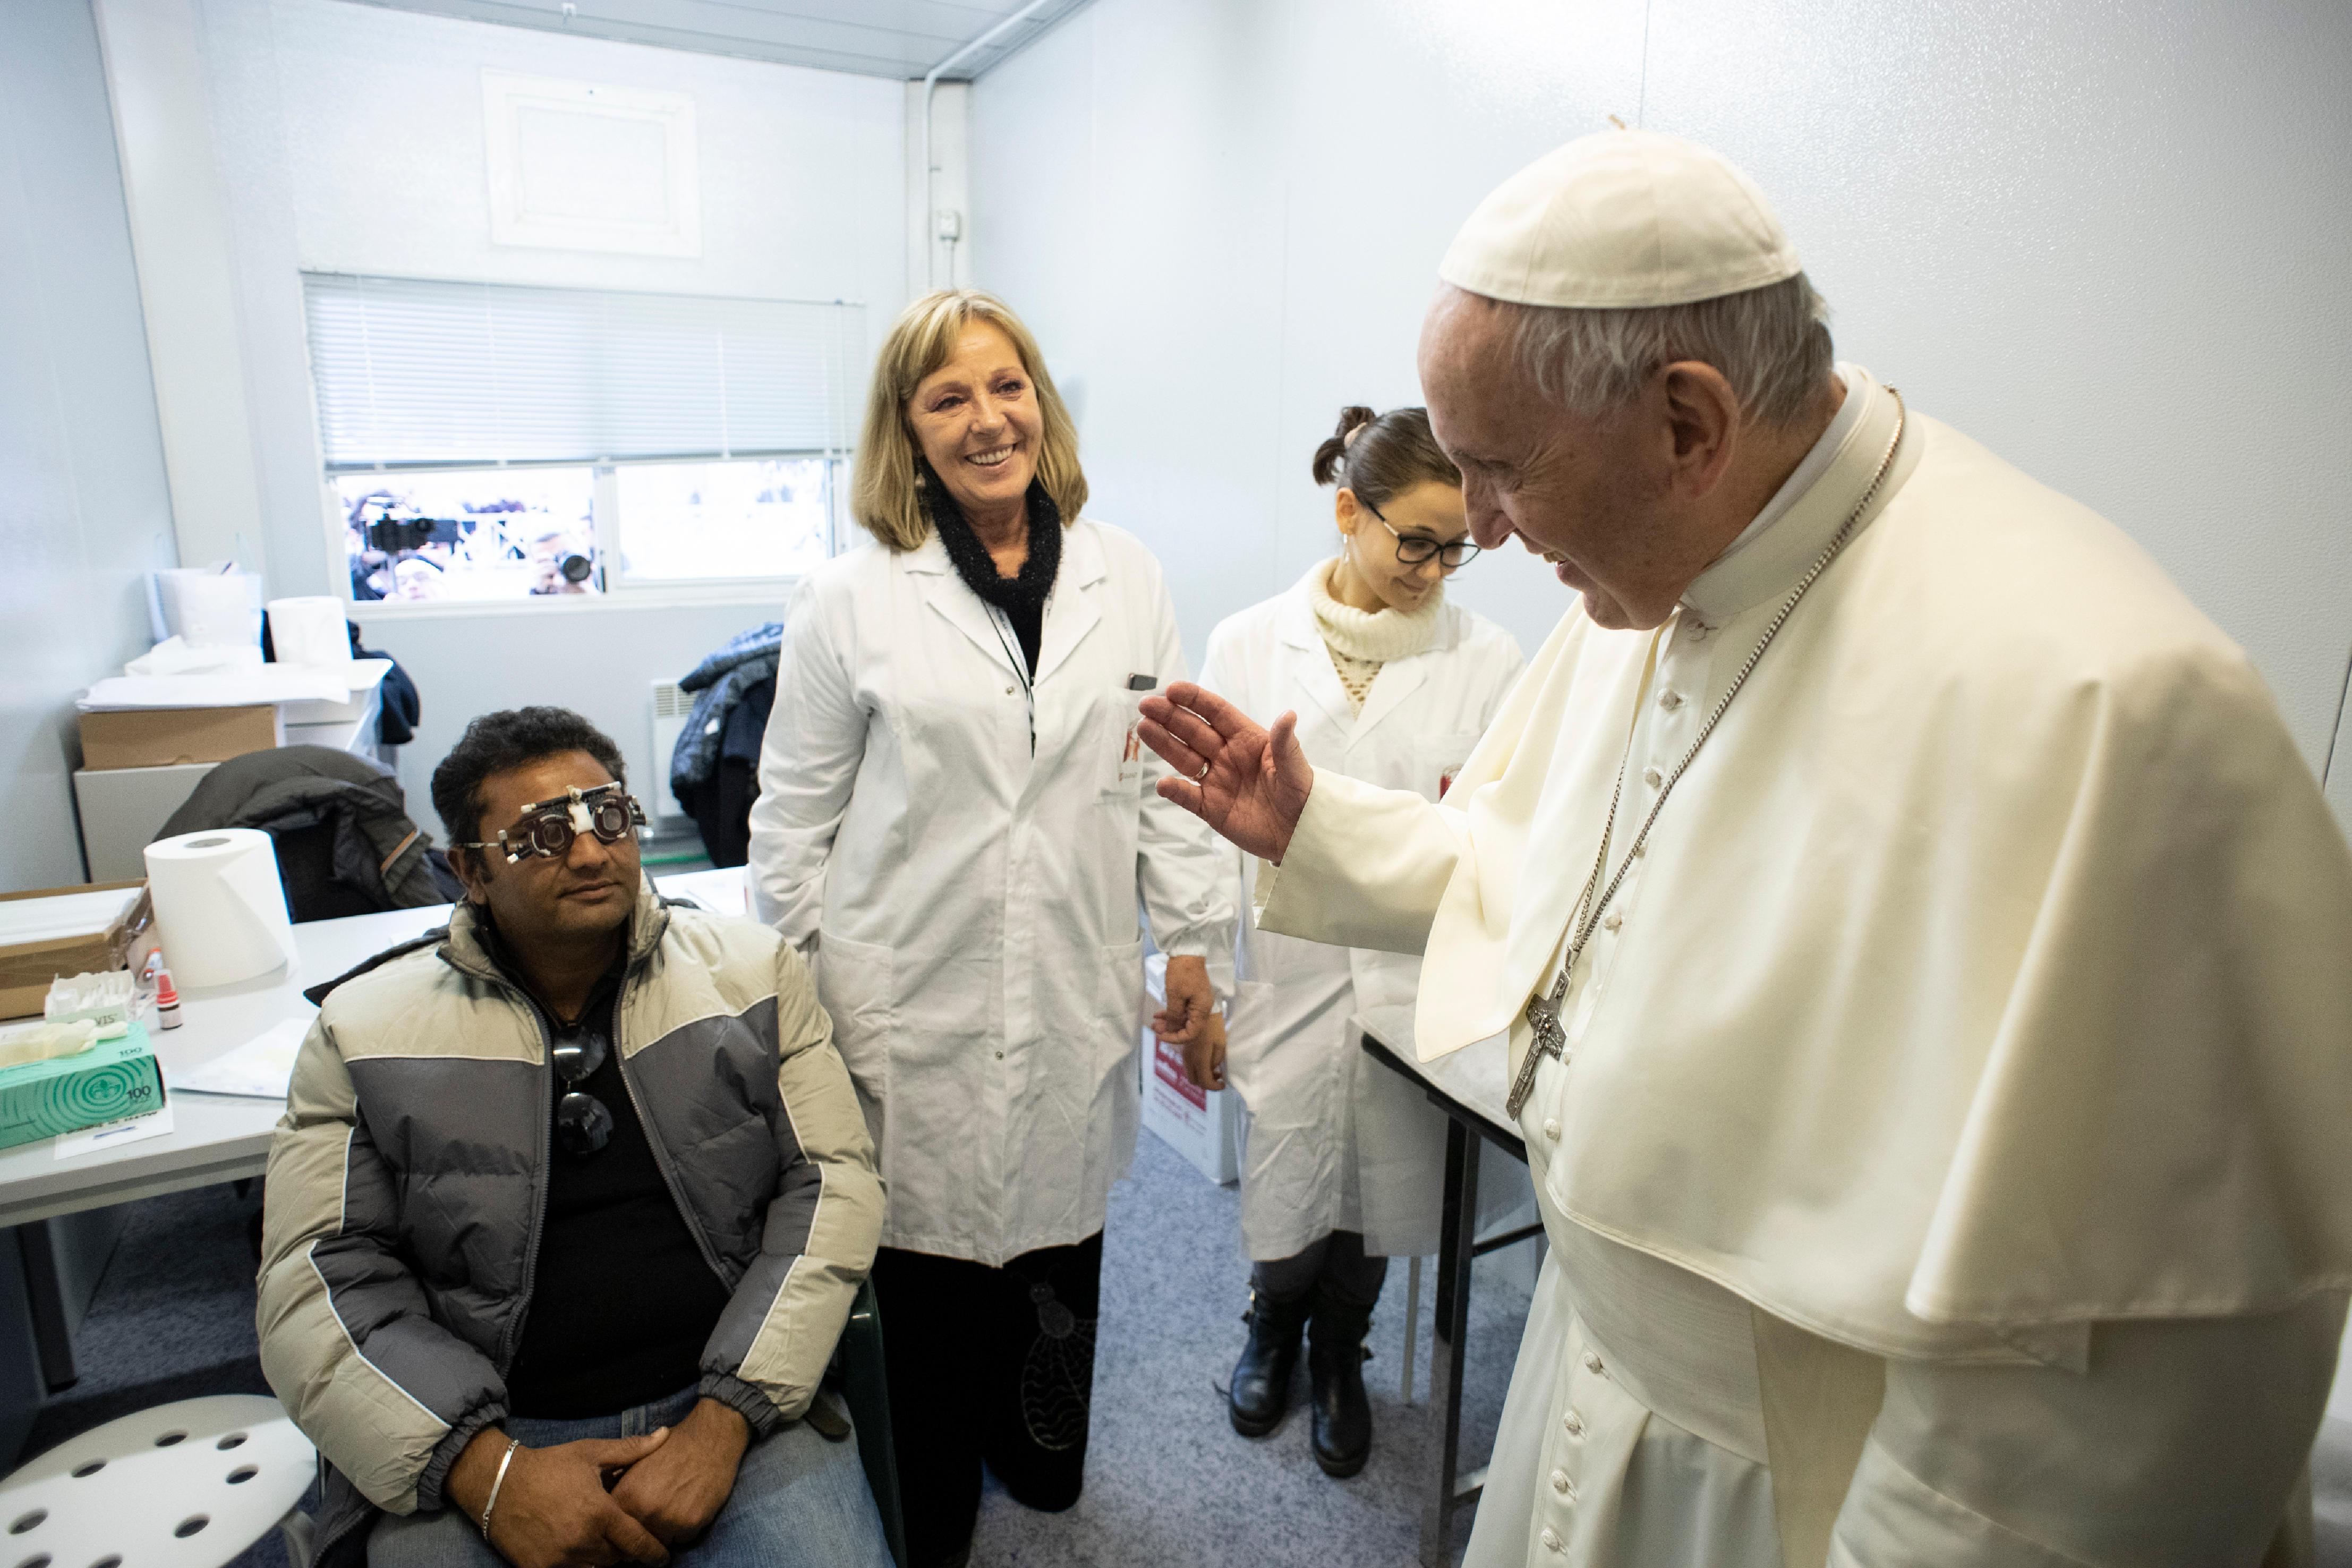 Visite au centre médical, Journée des pauvres © Vatican Media